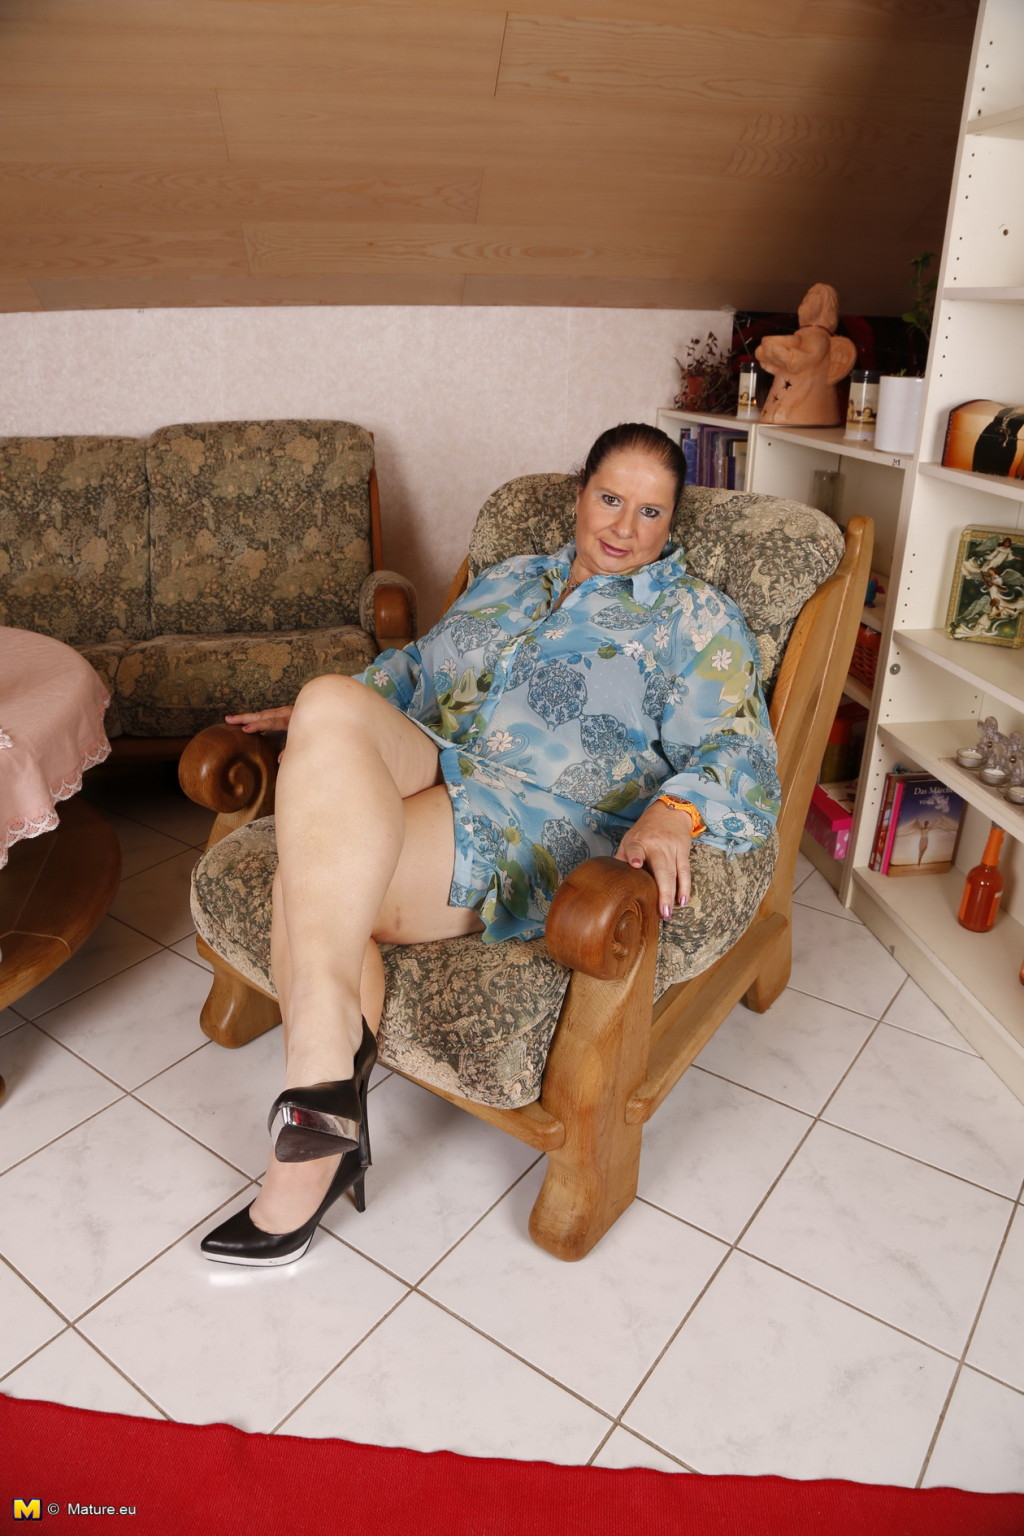 Зрелая леди с большой грудью соблазняет своих преданных поклонников